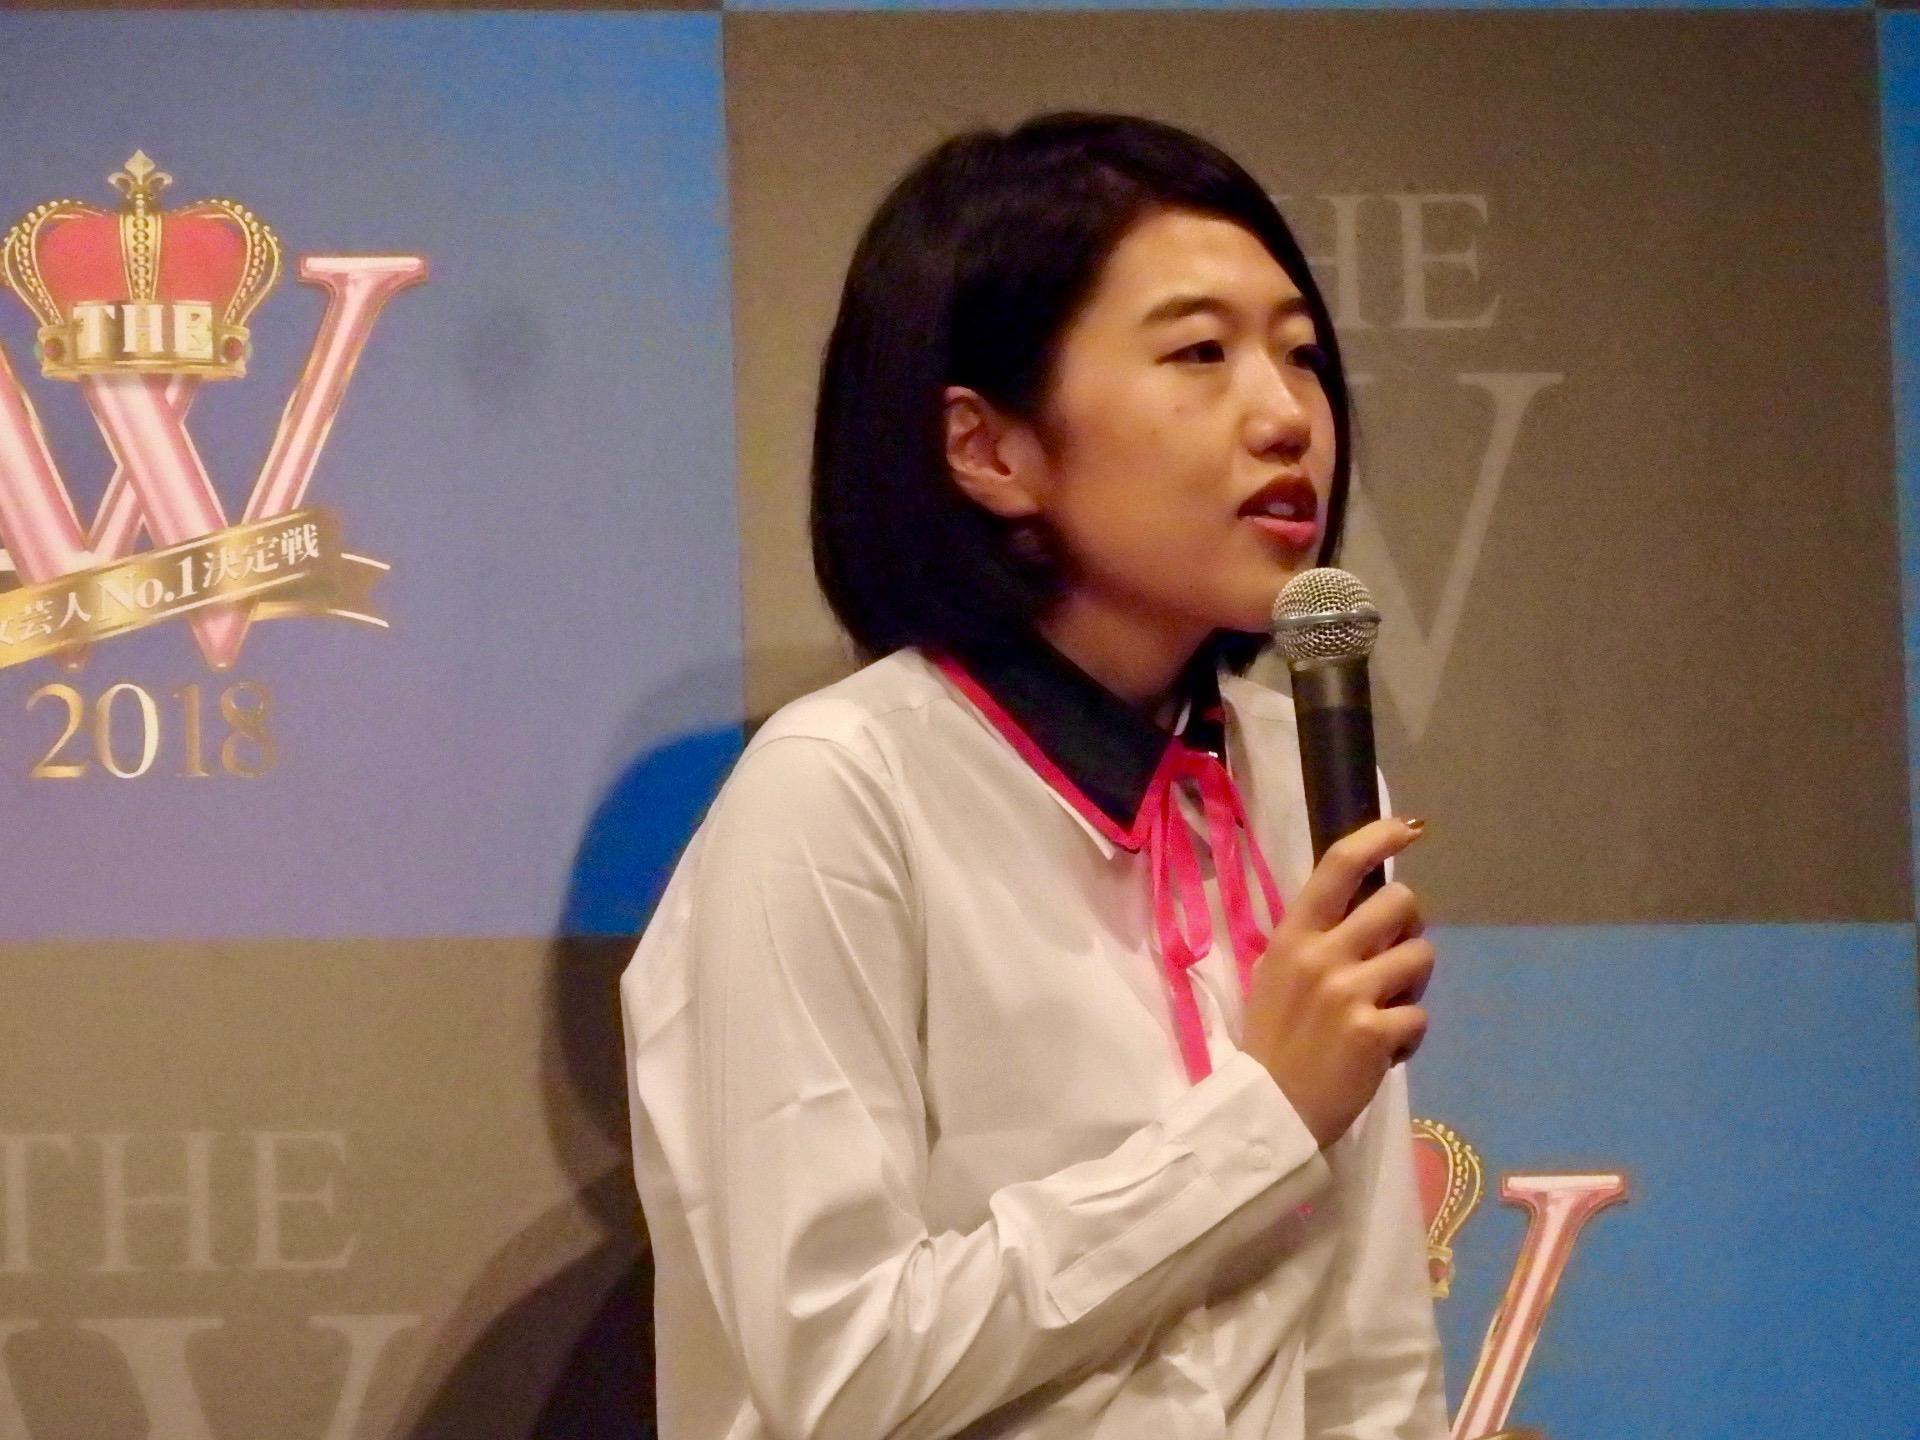 http://news.yoshimoto.co.jp/20181113085311-92a0237f8585e5af226b1e00973de77fa46278fd.jpg